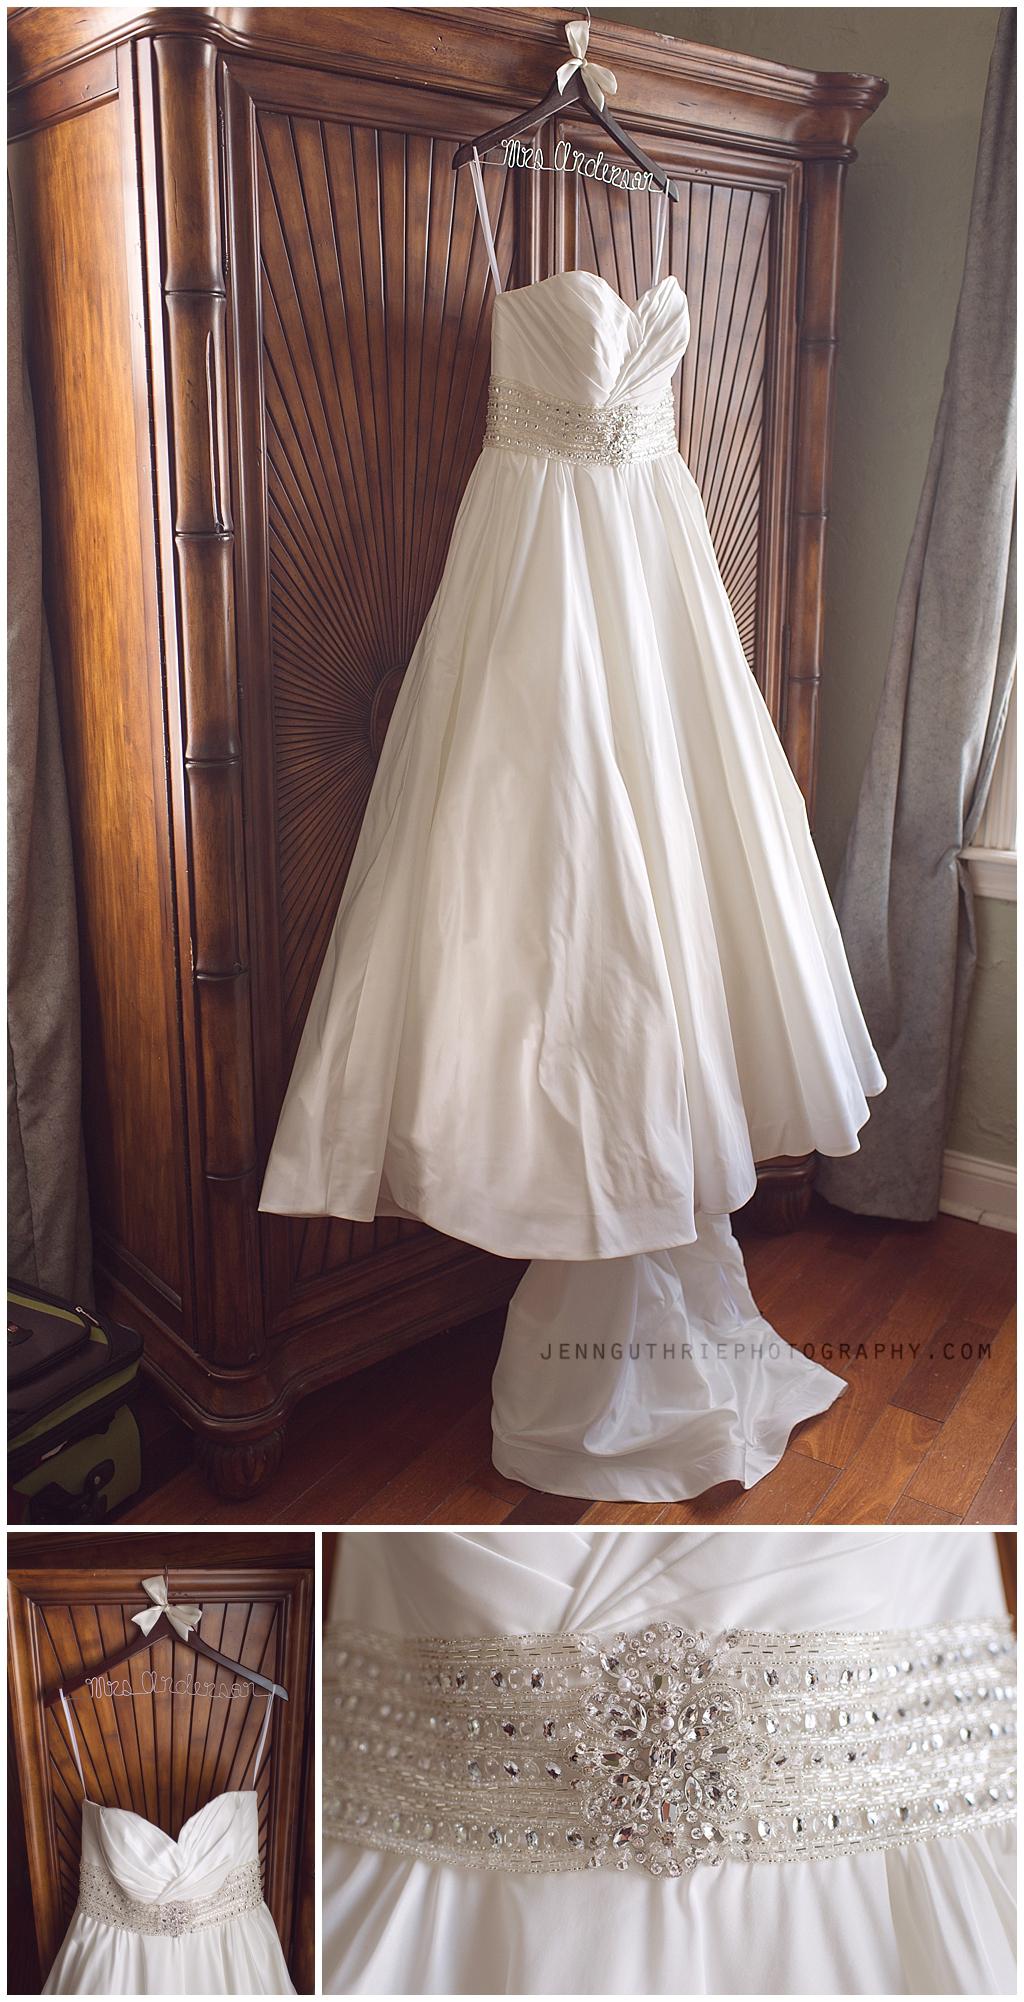 Jenn Guthrie Photography - Jacksonville Weddings_0001.jpg